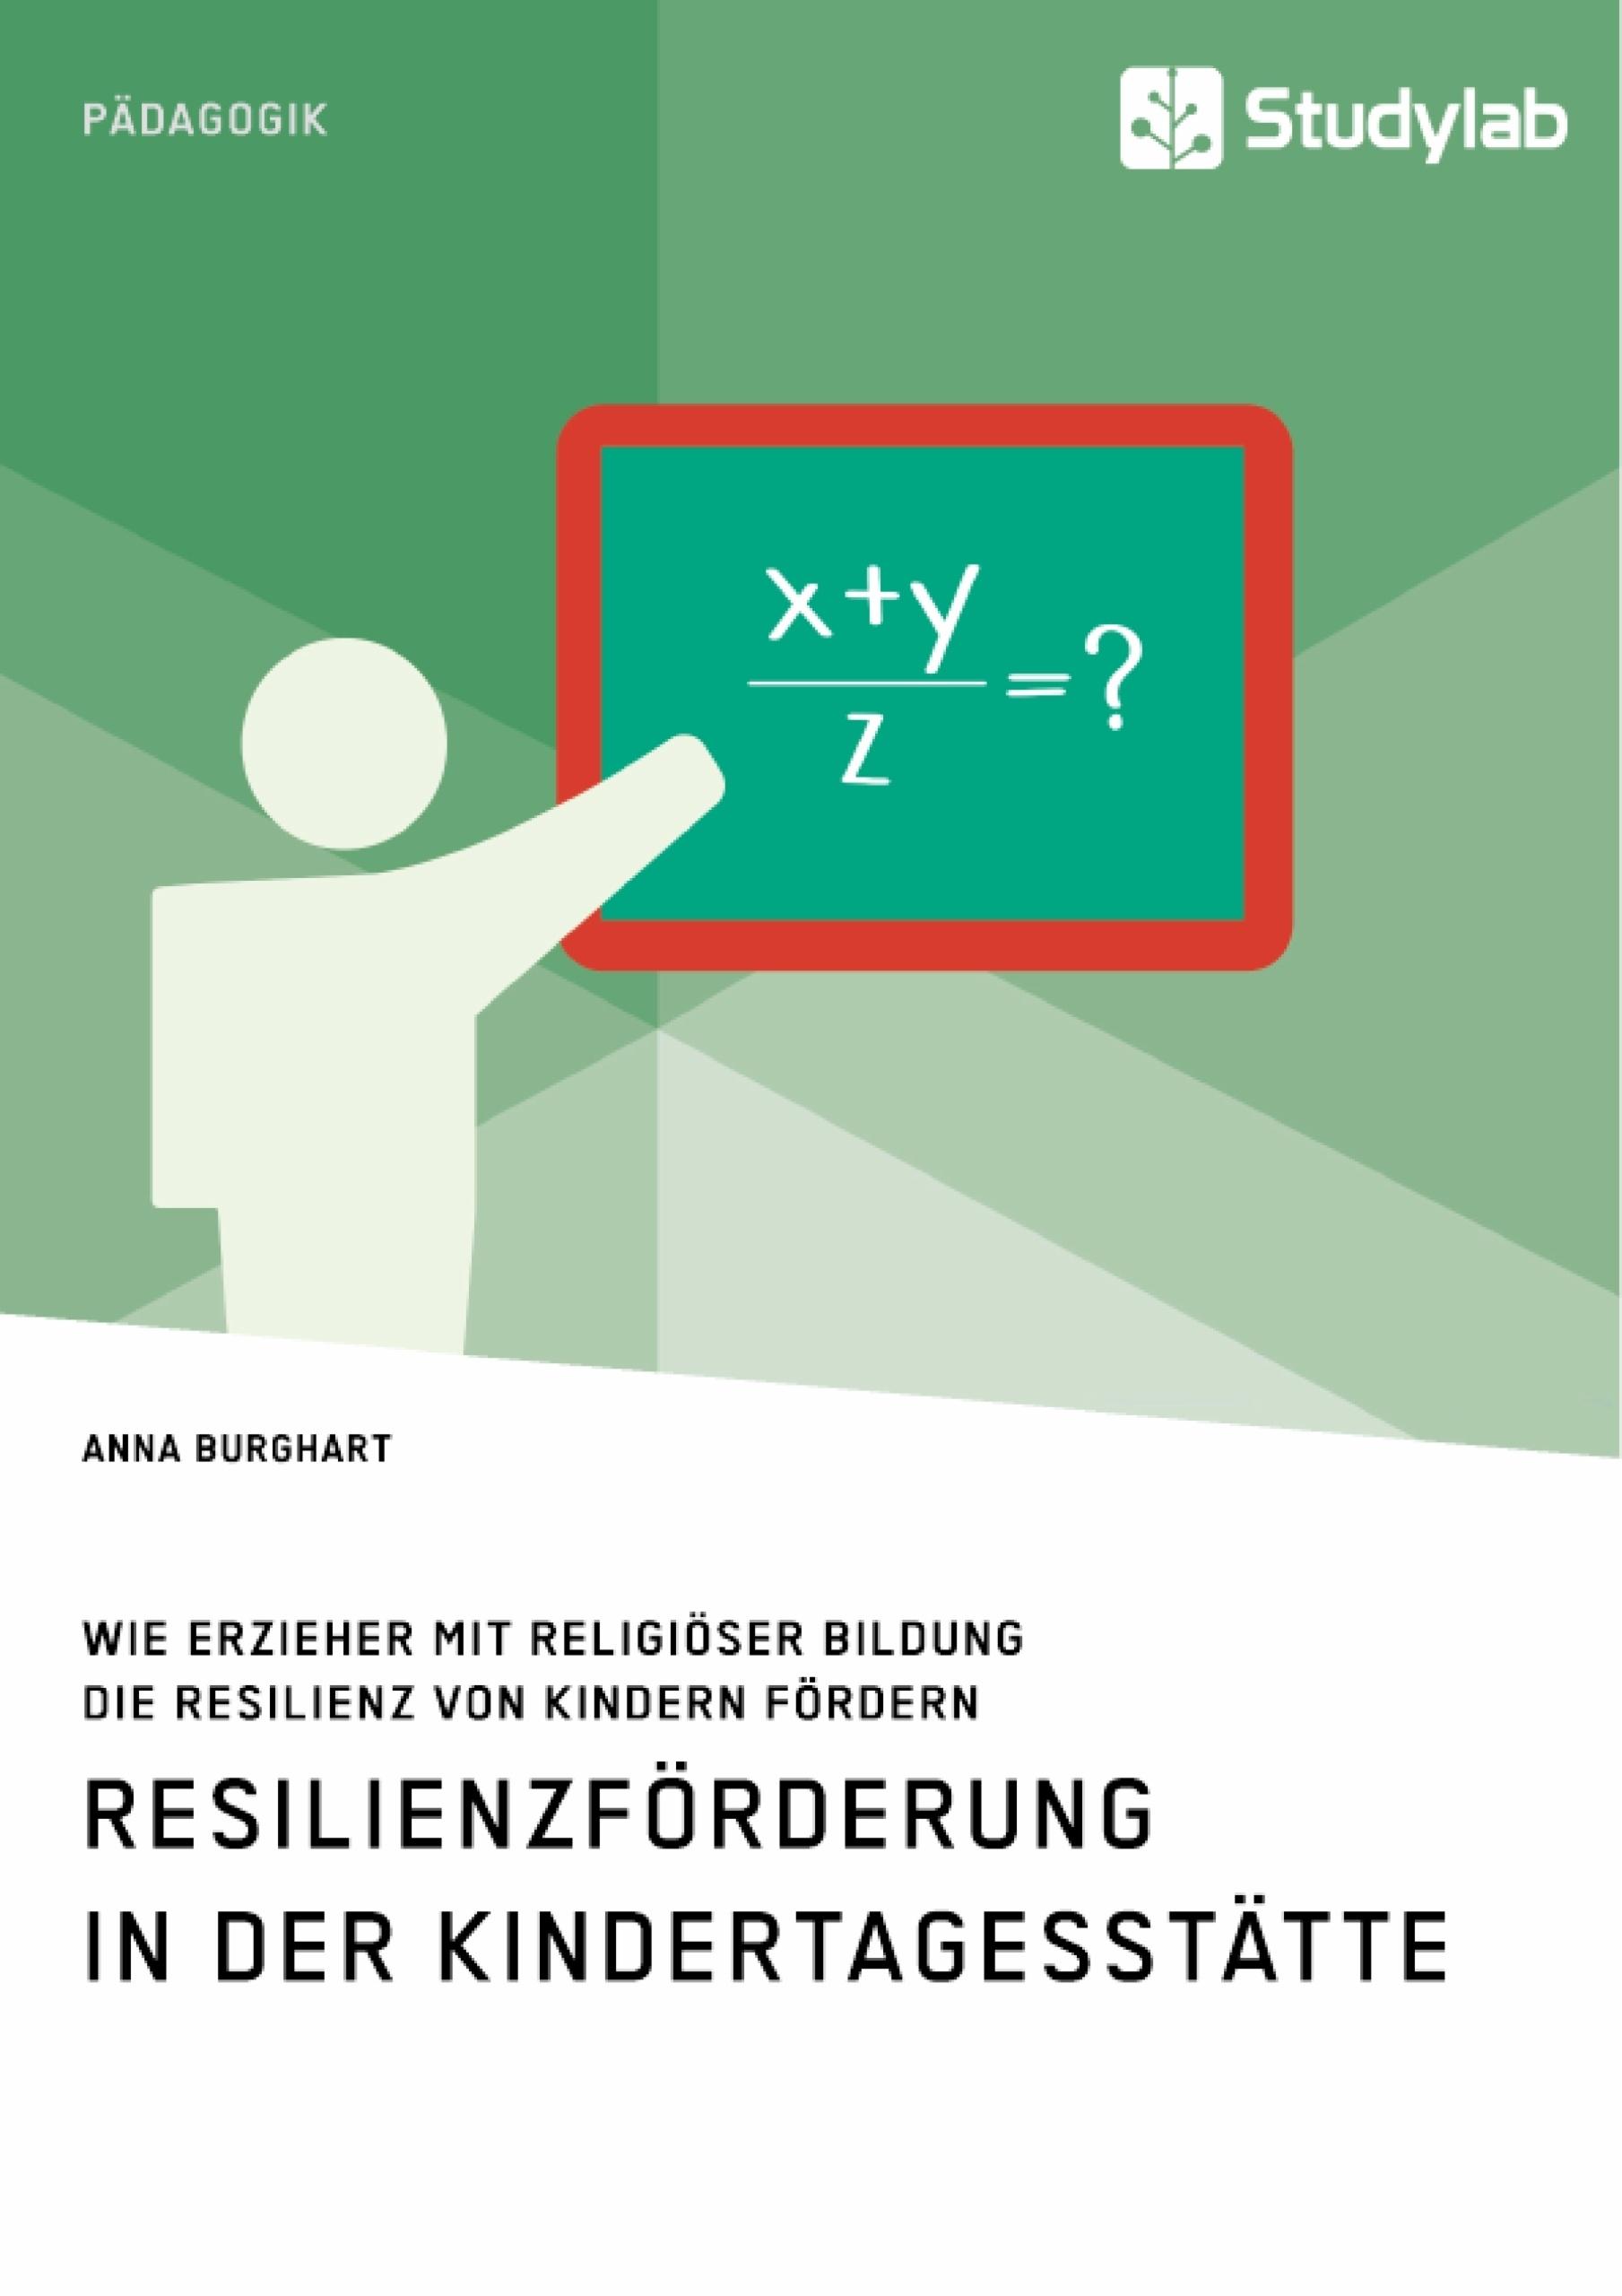 Titel: Wie Erzieher mit religiöser Bildung die Resilienz von Kindern fördern. Resilienzförderung in der Kindertagesstätte